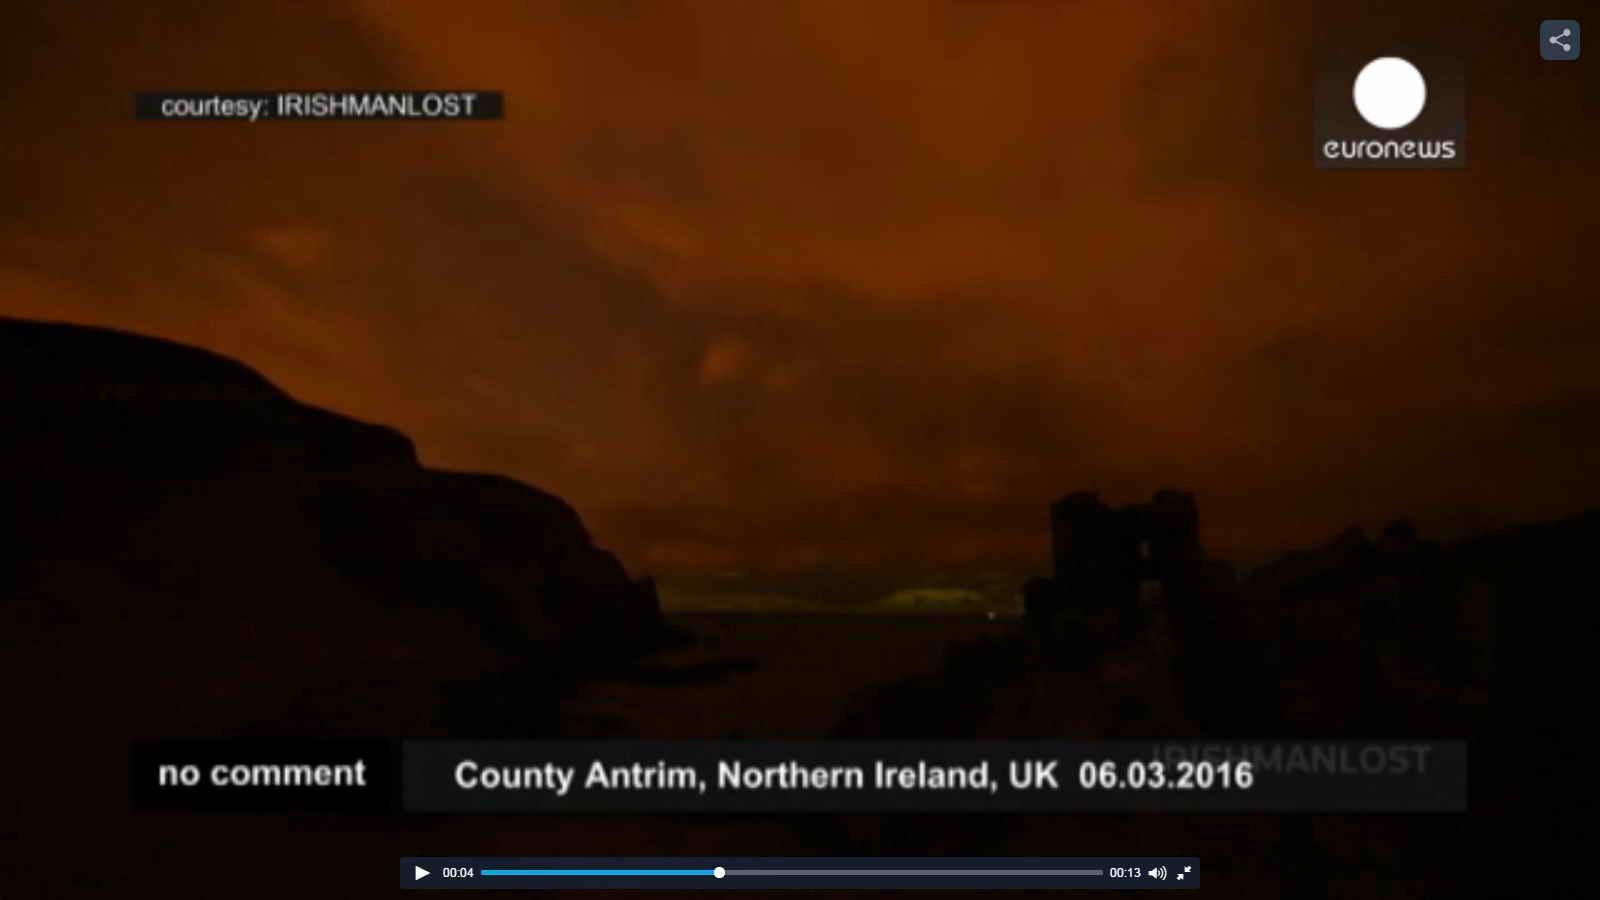 فیلمی کمیاب از شفق شمالی در ایرلند